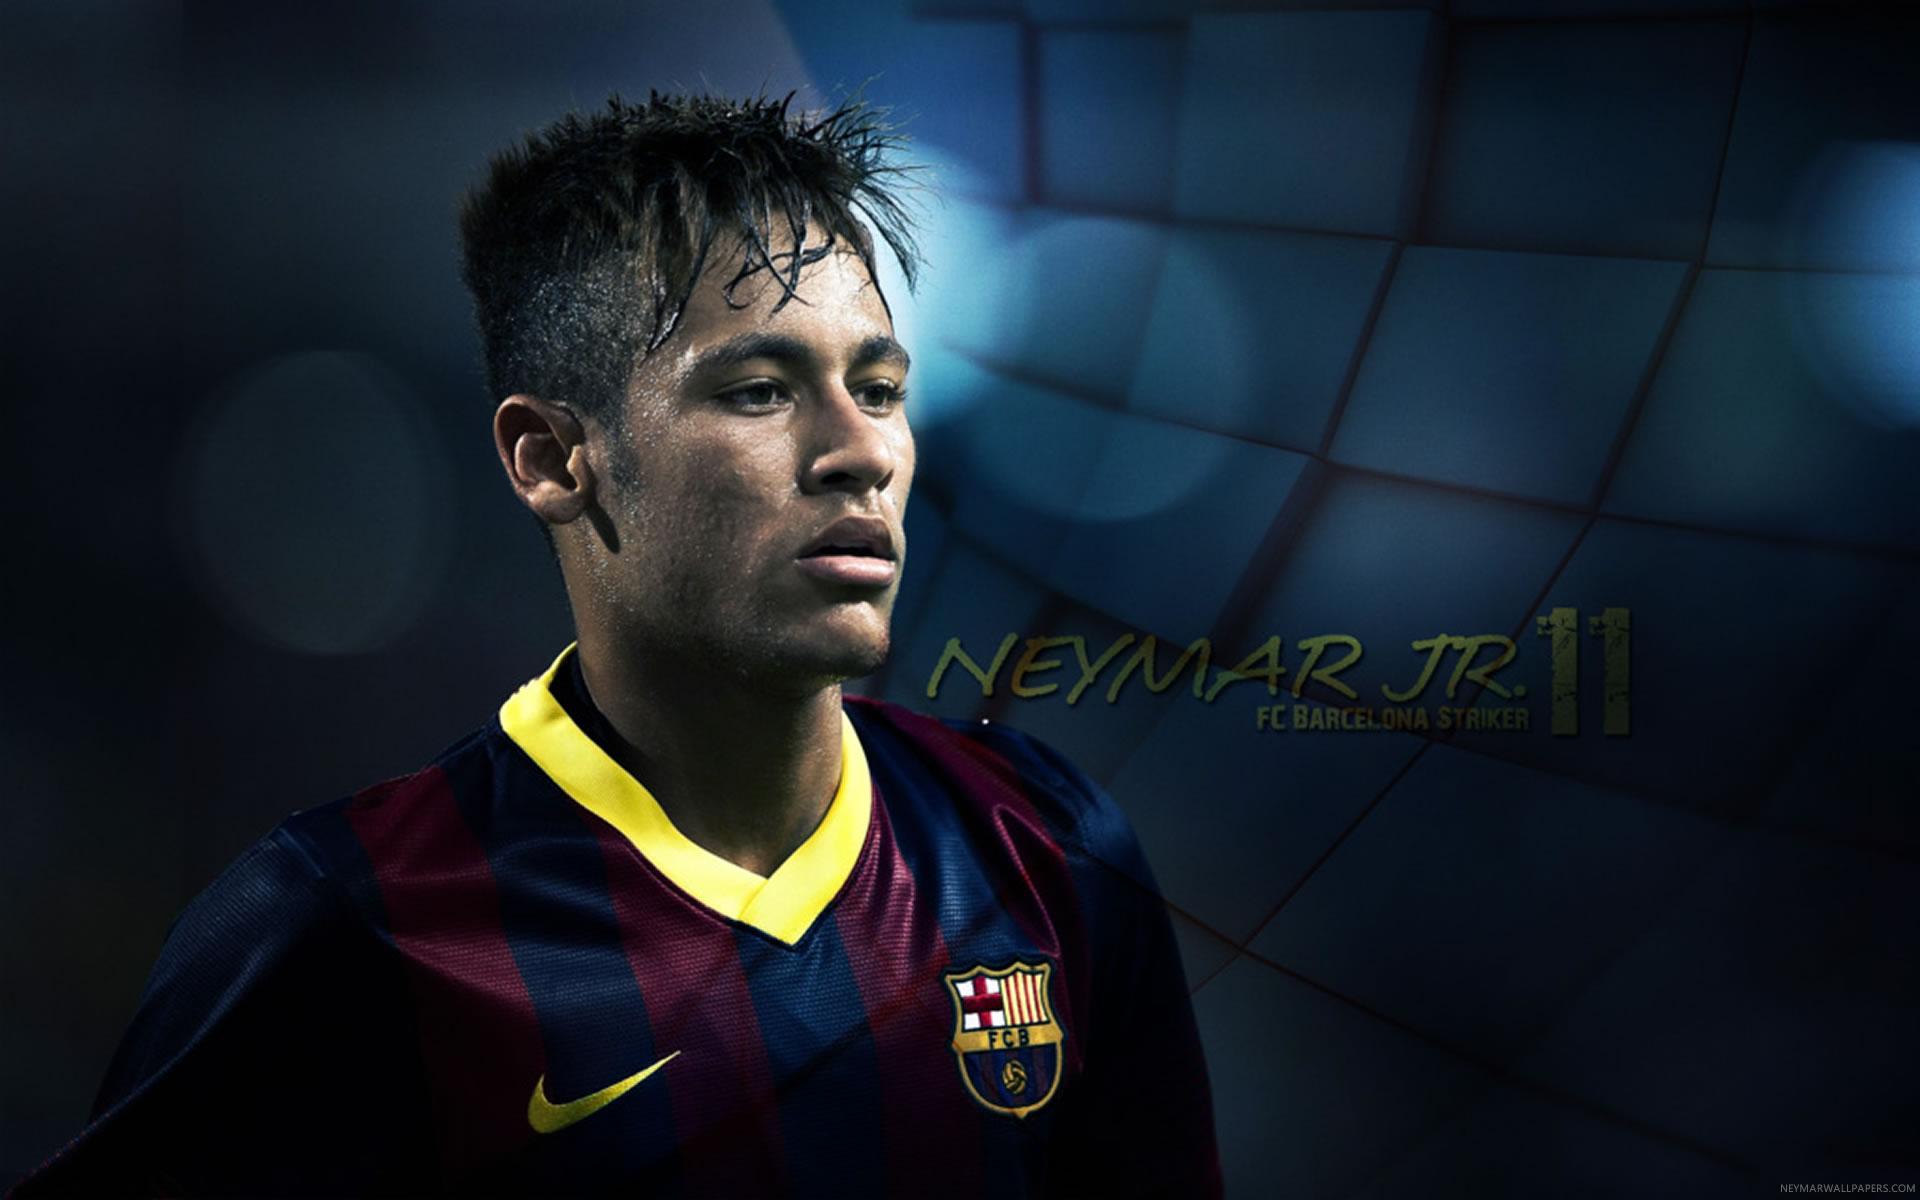 Sweaty Neymar Wallpaper